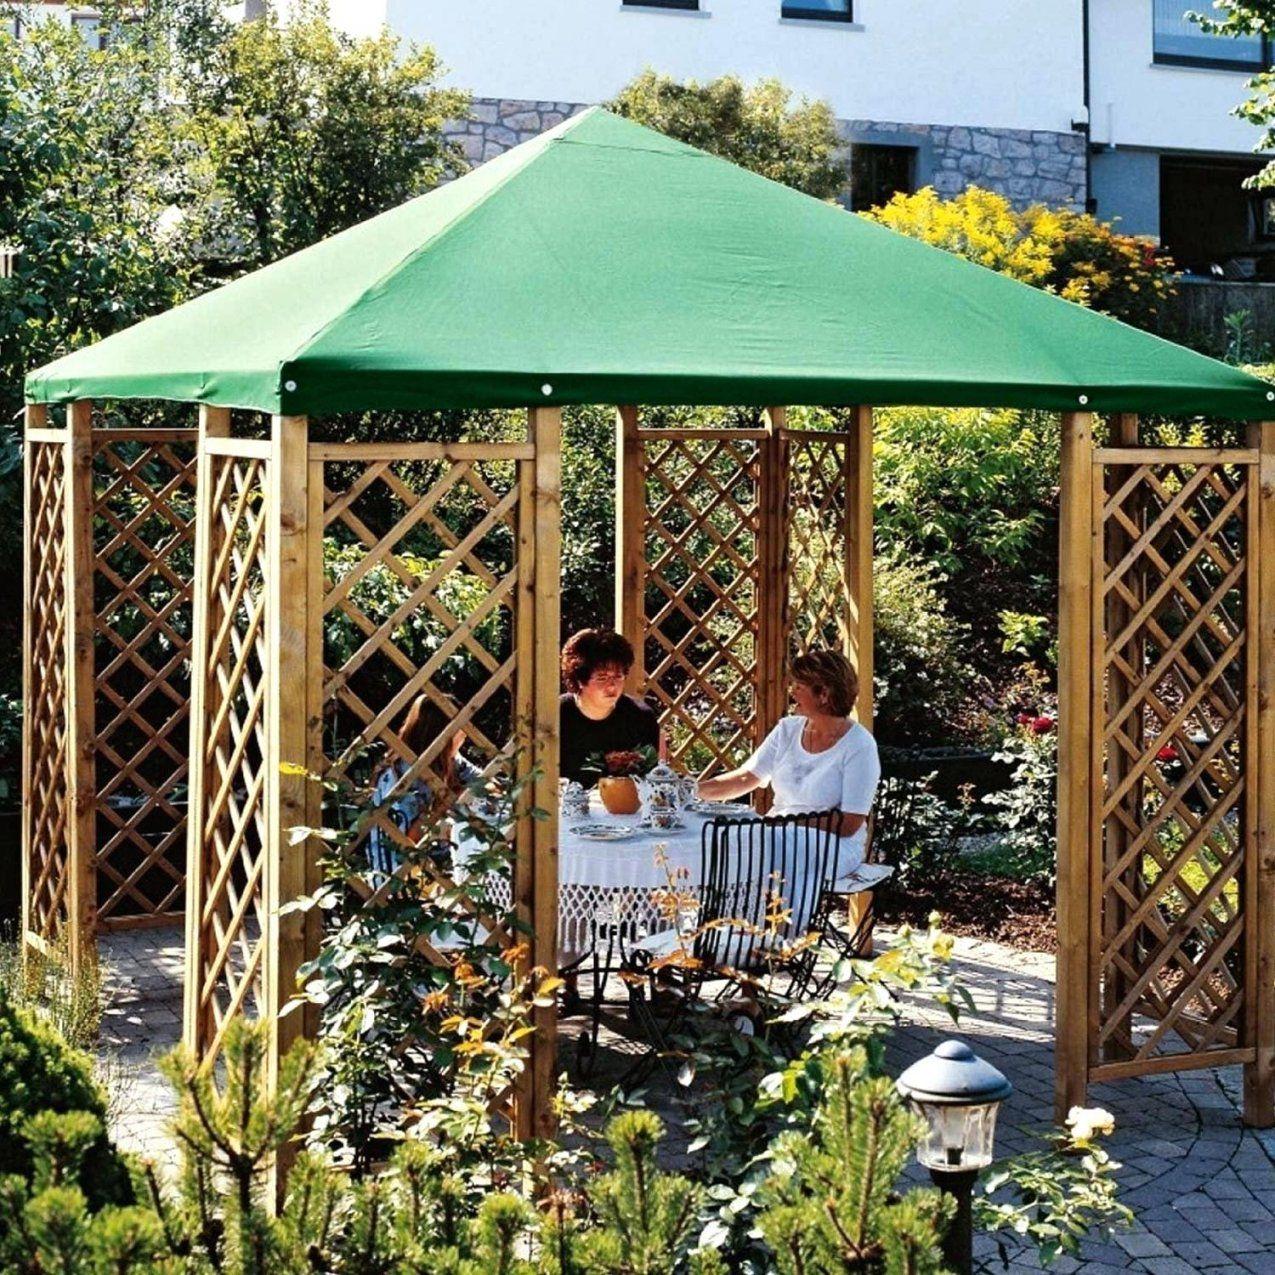 Gartenlaube Holz Selber Bauen Worauf Achten Arth Aus Gartenhaus von Gartenpavillon Selber Bauen Anleitung Bild